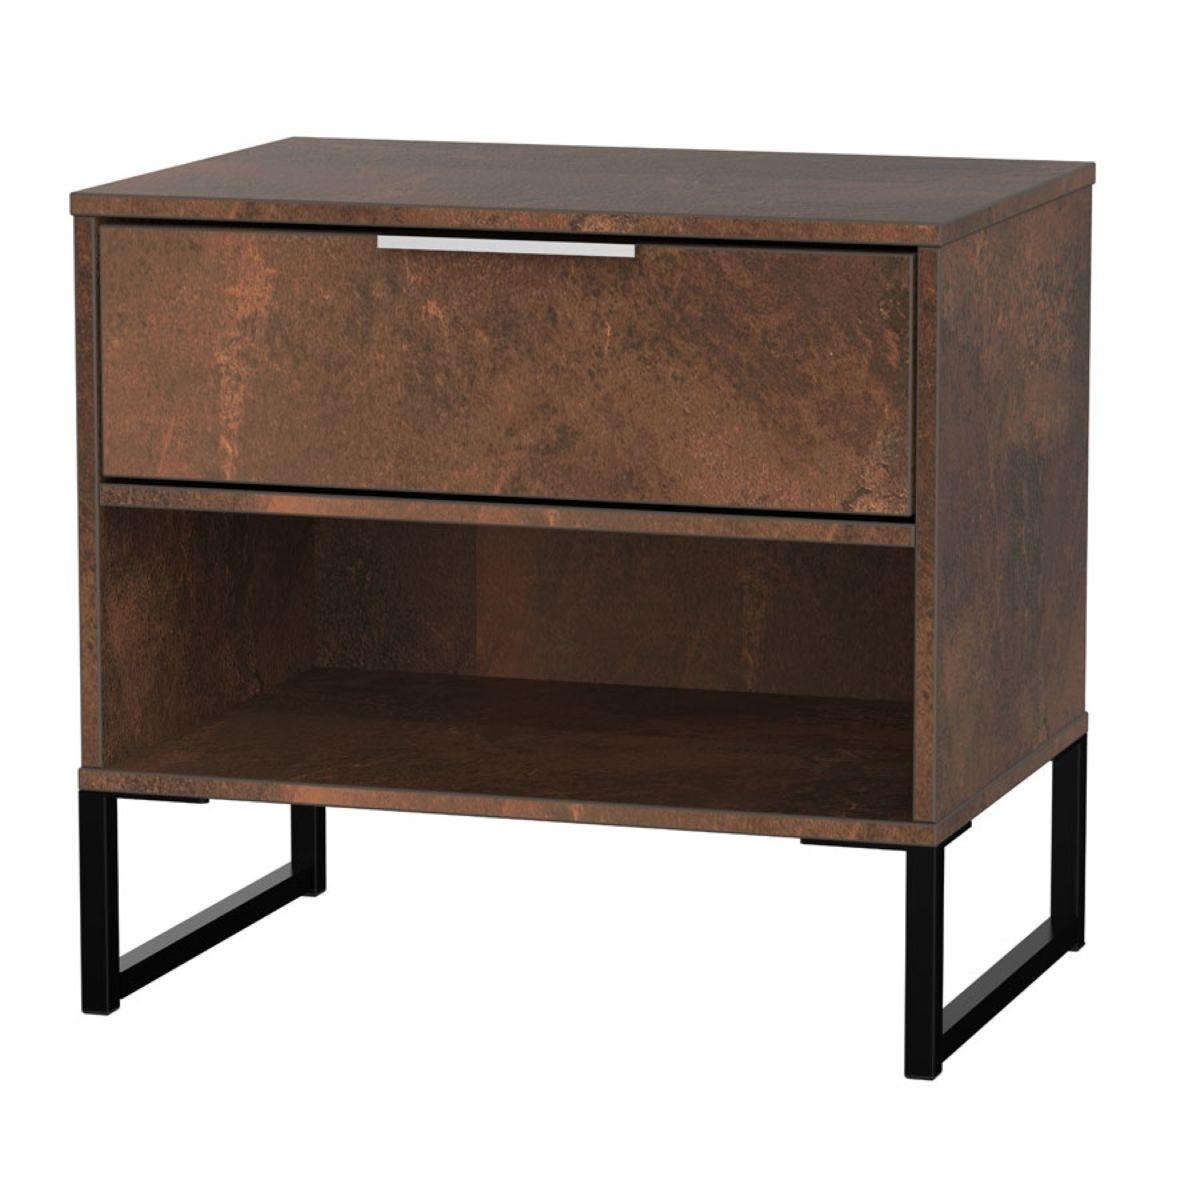 Kishara 1-Drawer Bedside Cabinet - Copper